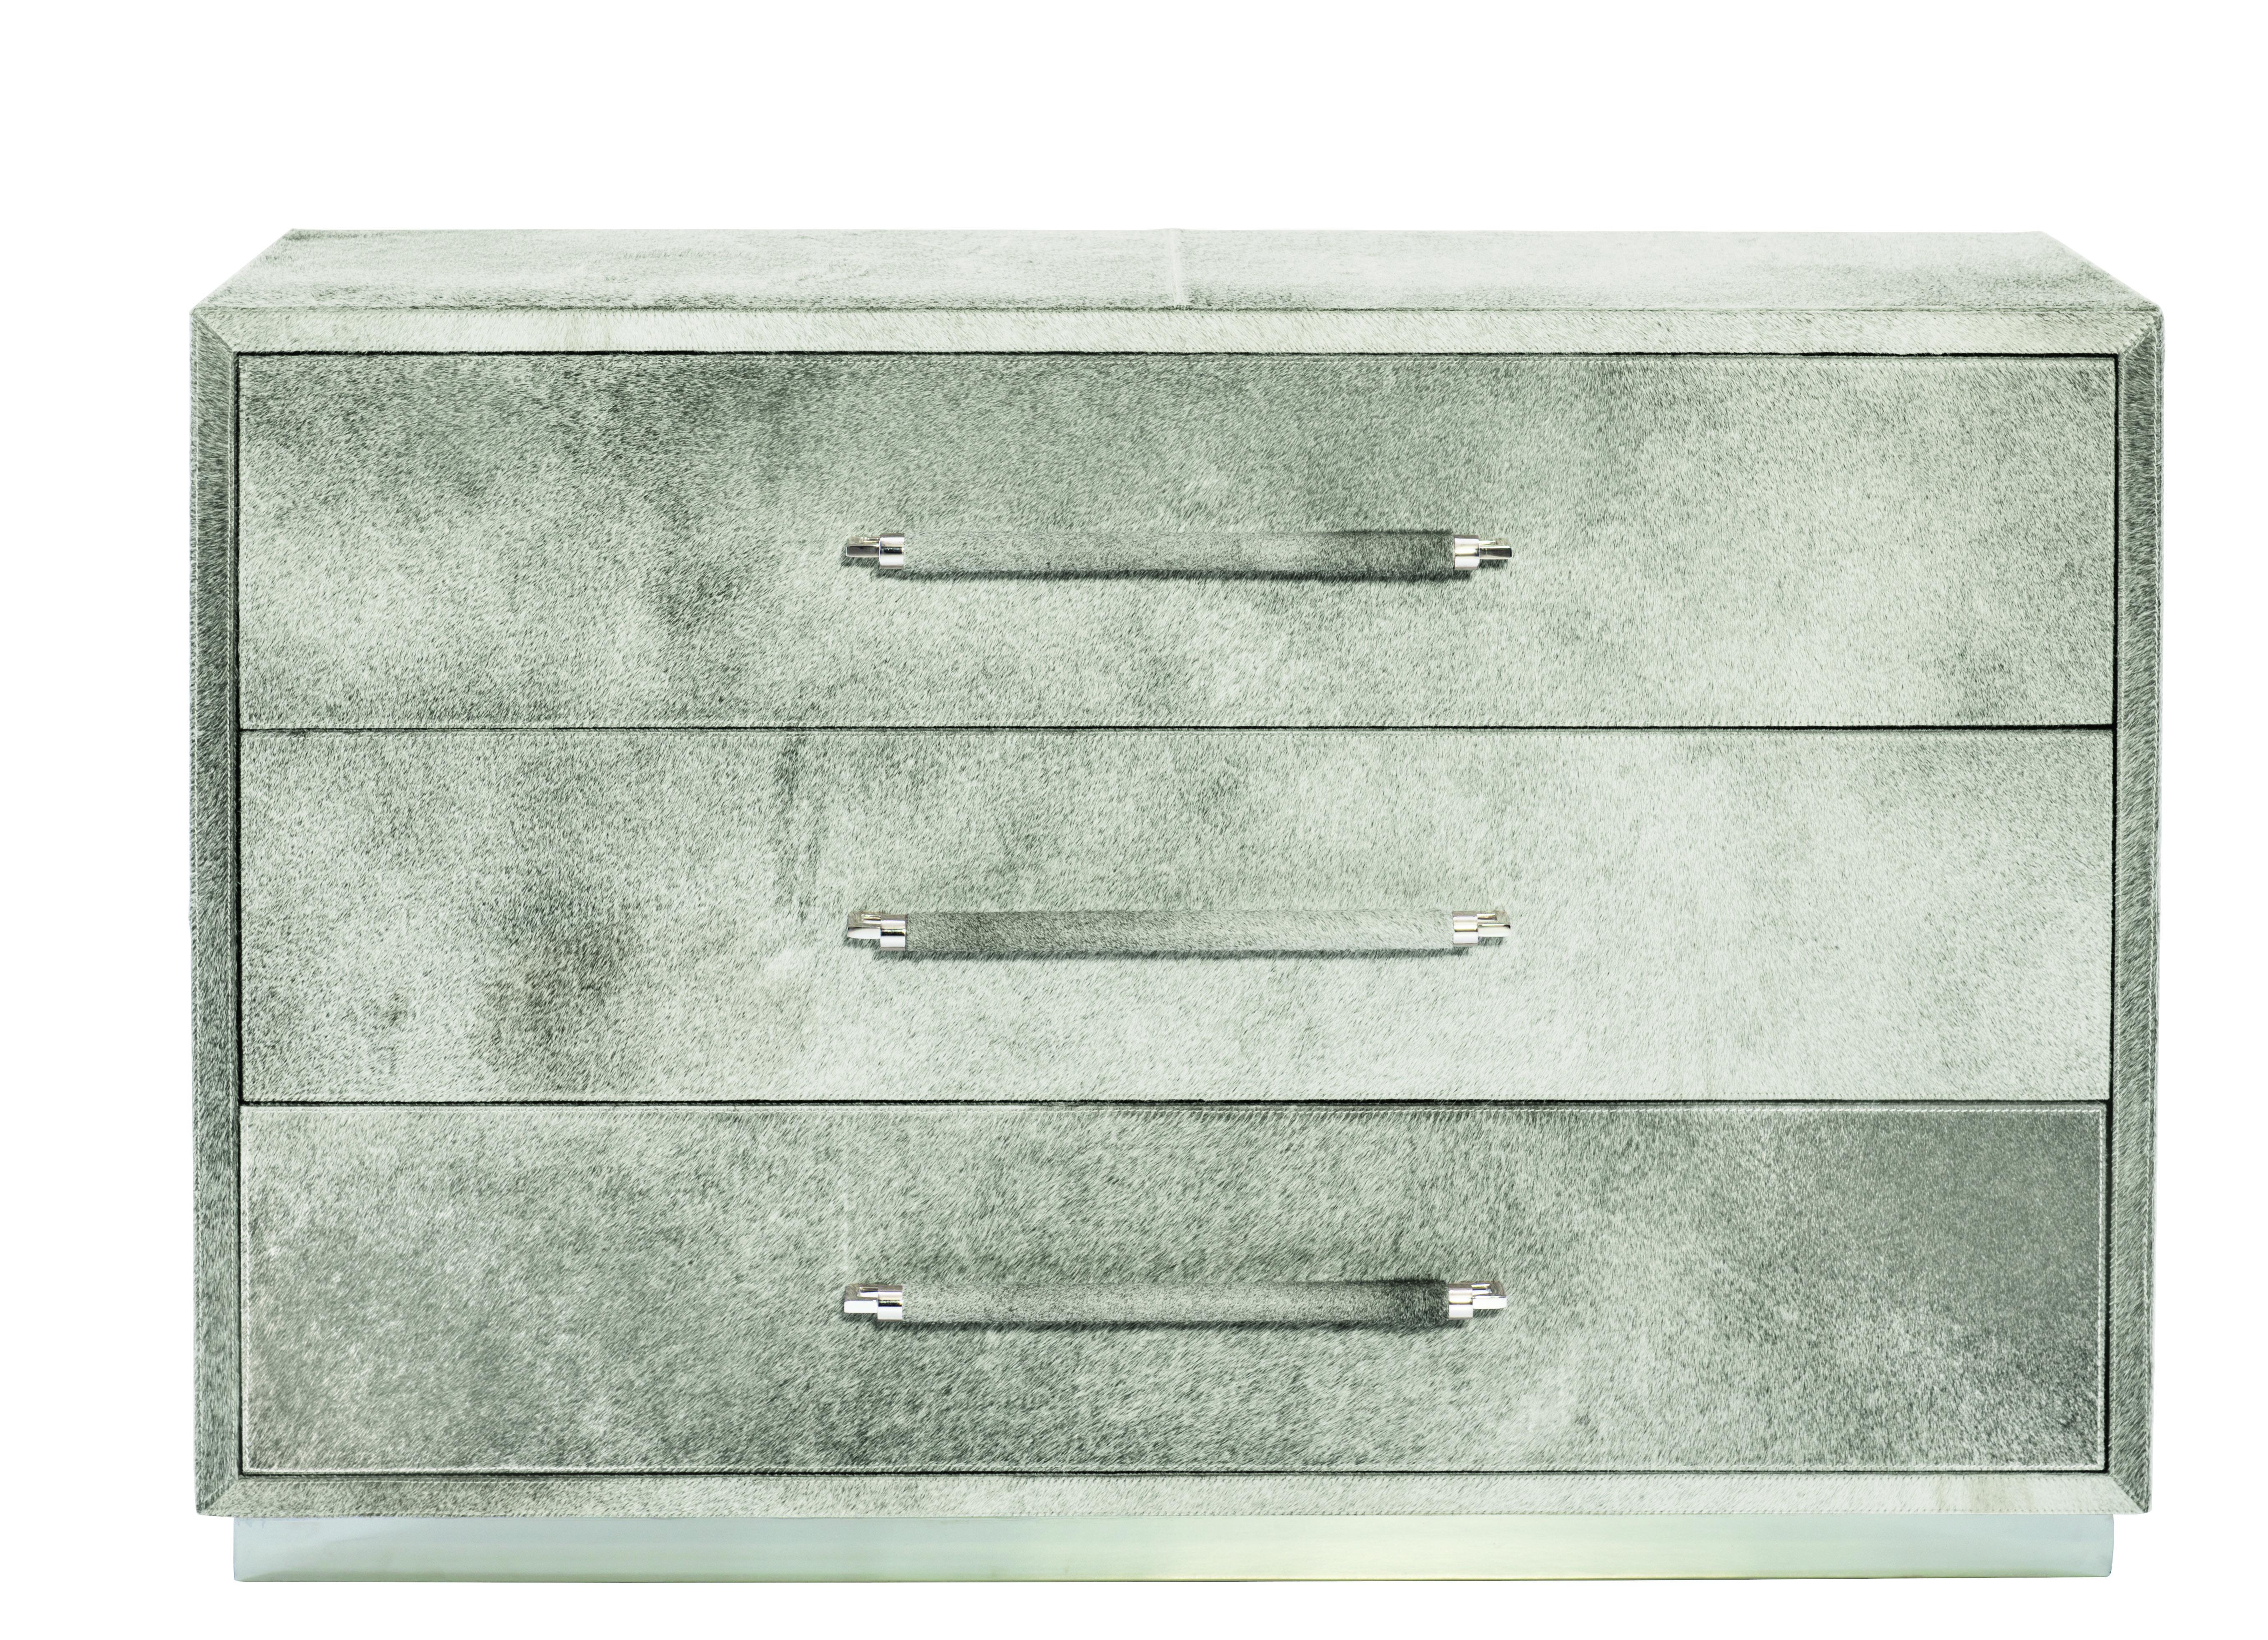 Bernhardt Parkin chest